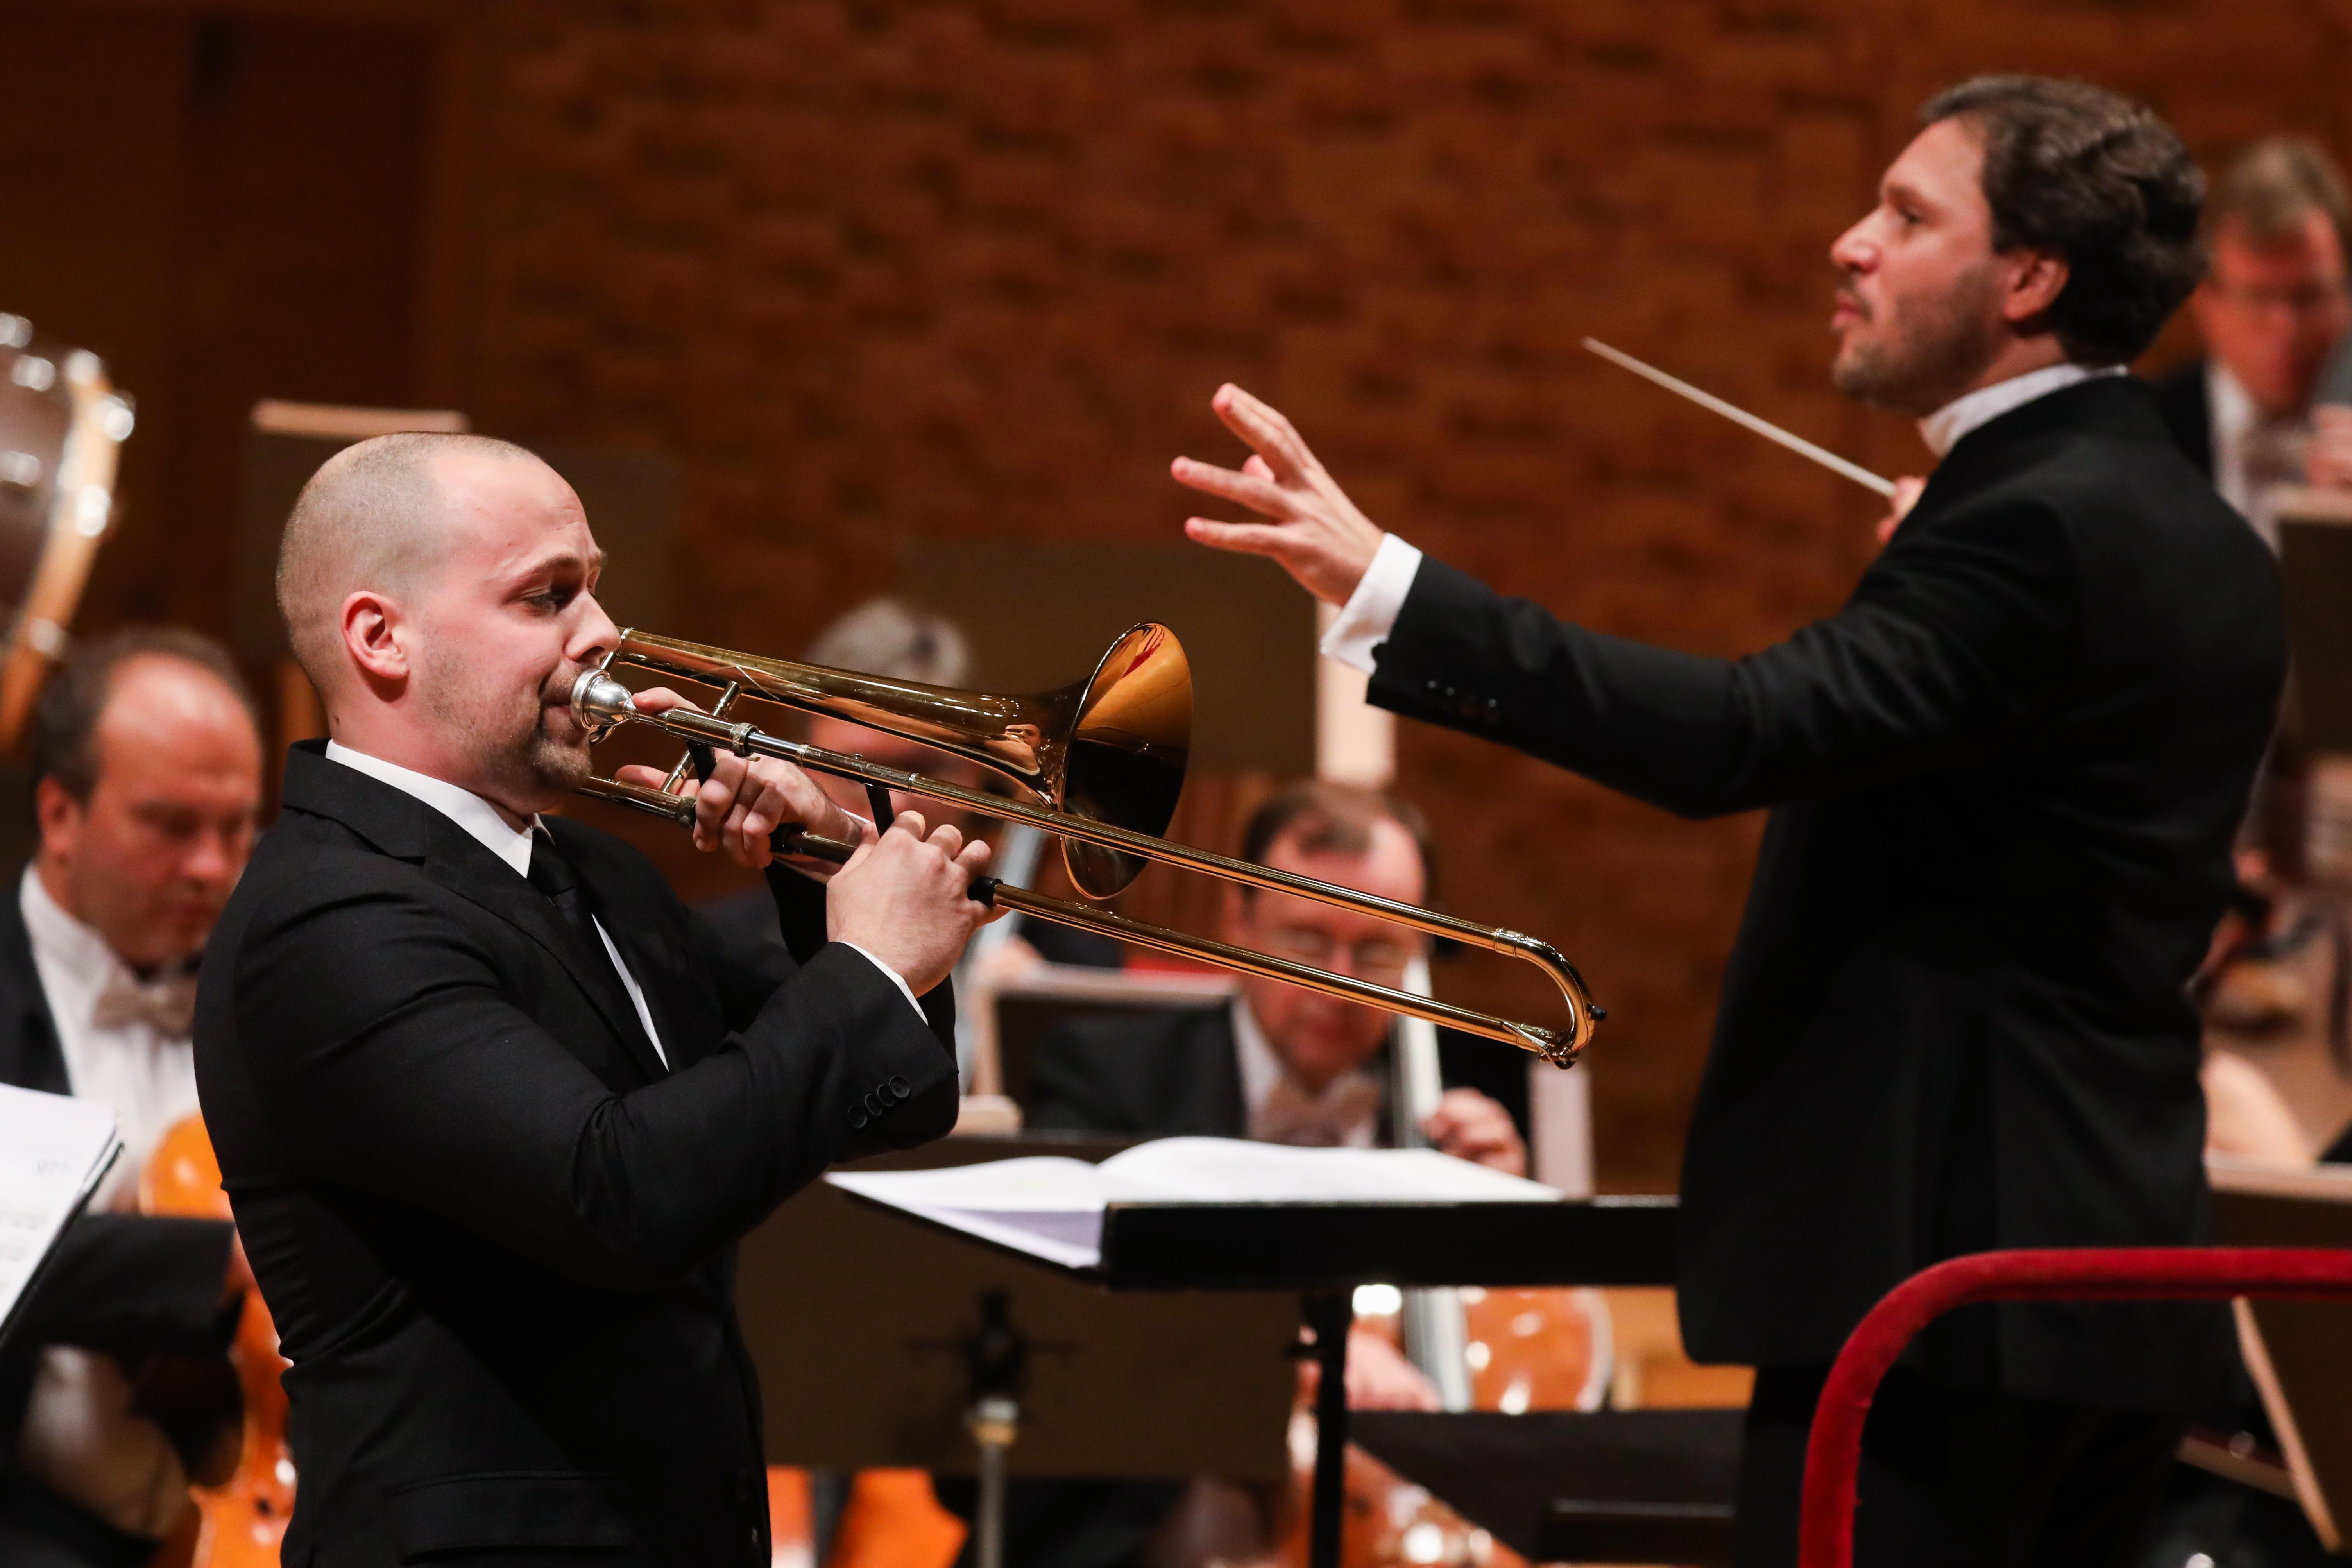 Концерт лауреатов XVI Конкурса им. П. И. Чайковского прошел во время Санкт-Петербургского культурног